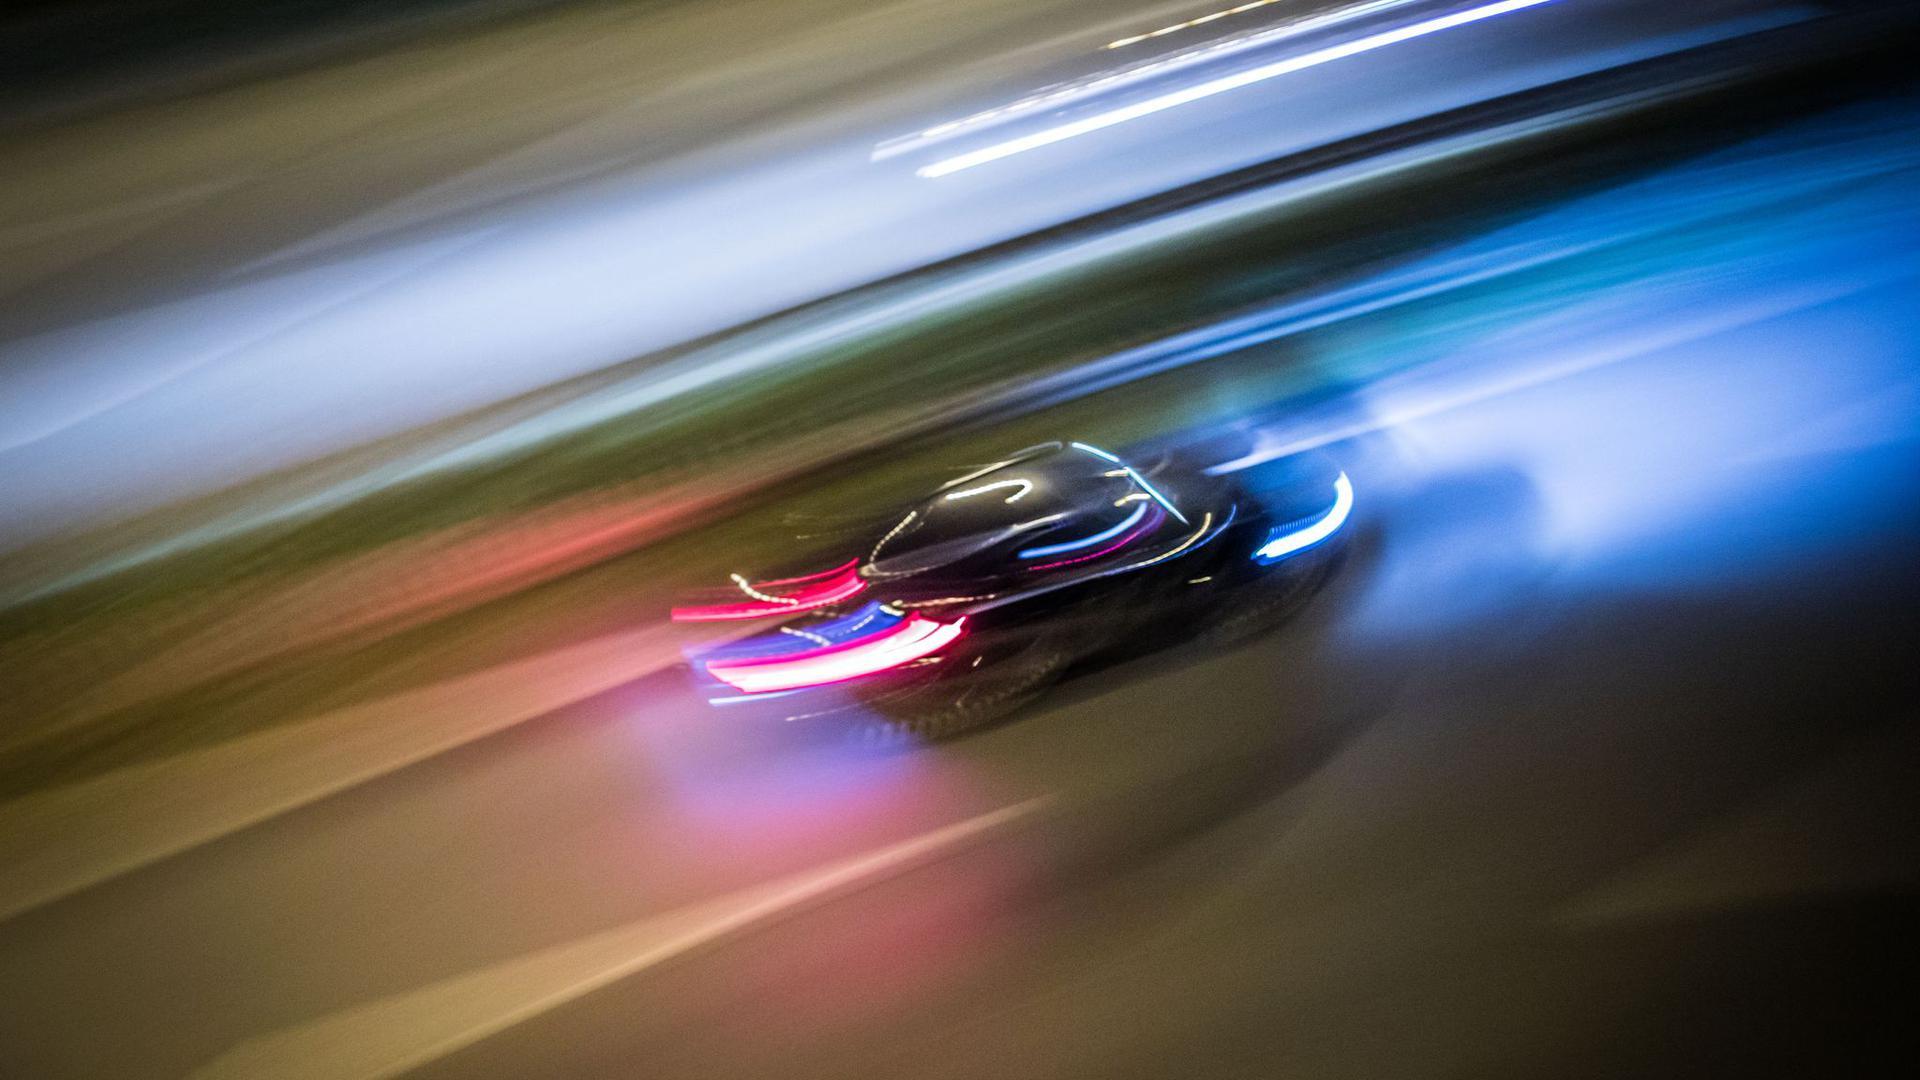 Zu Lichtspuren verwischt sind die Fahrzeuge auf der Autobahn A661. Bei einer Polizeikontrolle gibt ein Autofahrer Gas und rast davon - die Beamten müssen nachsetzen.